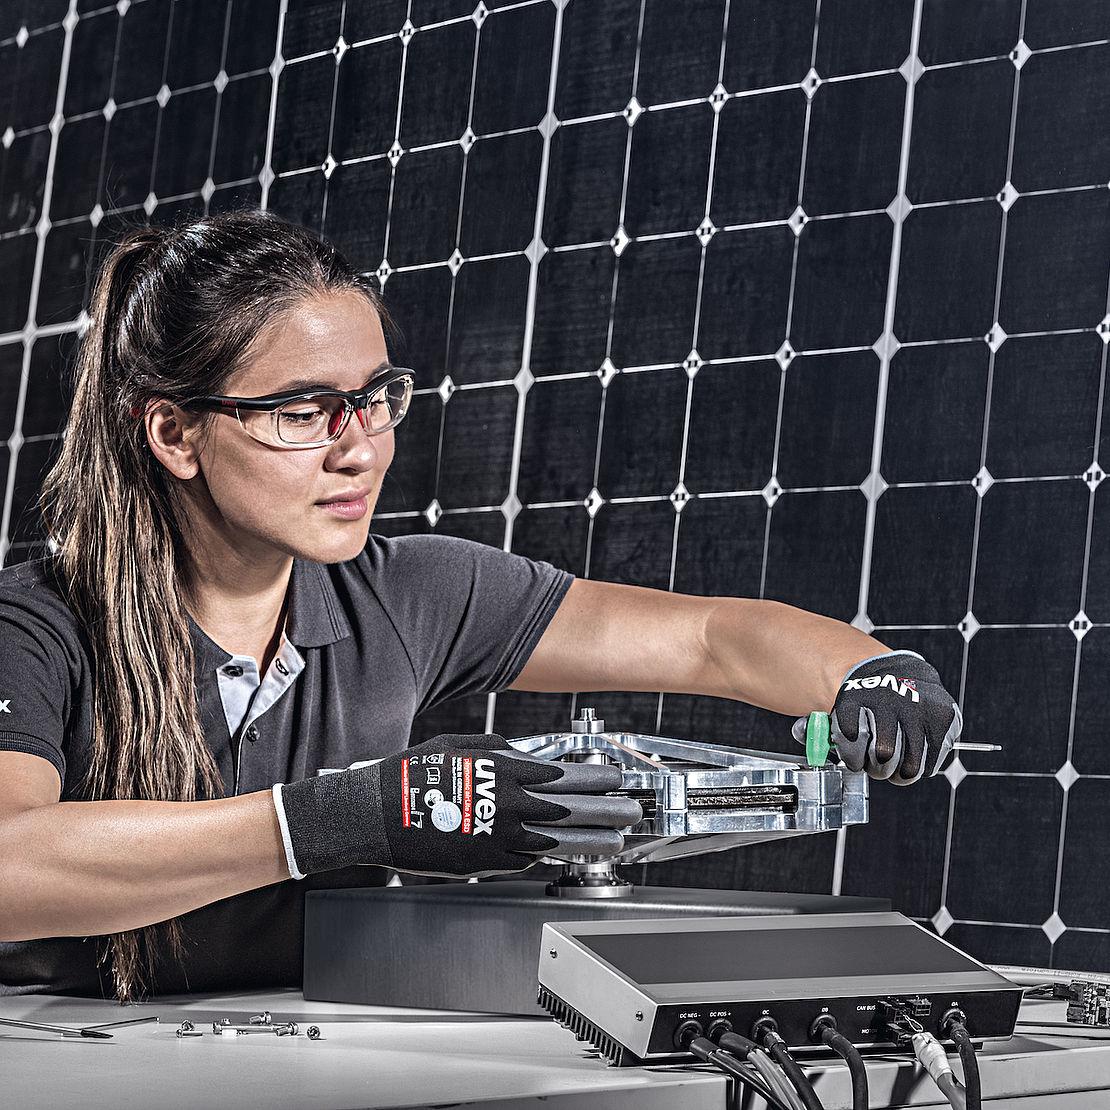 Kobieta w okularach ochronnych i rękawicach uvex wykonuje prace mechaniczne